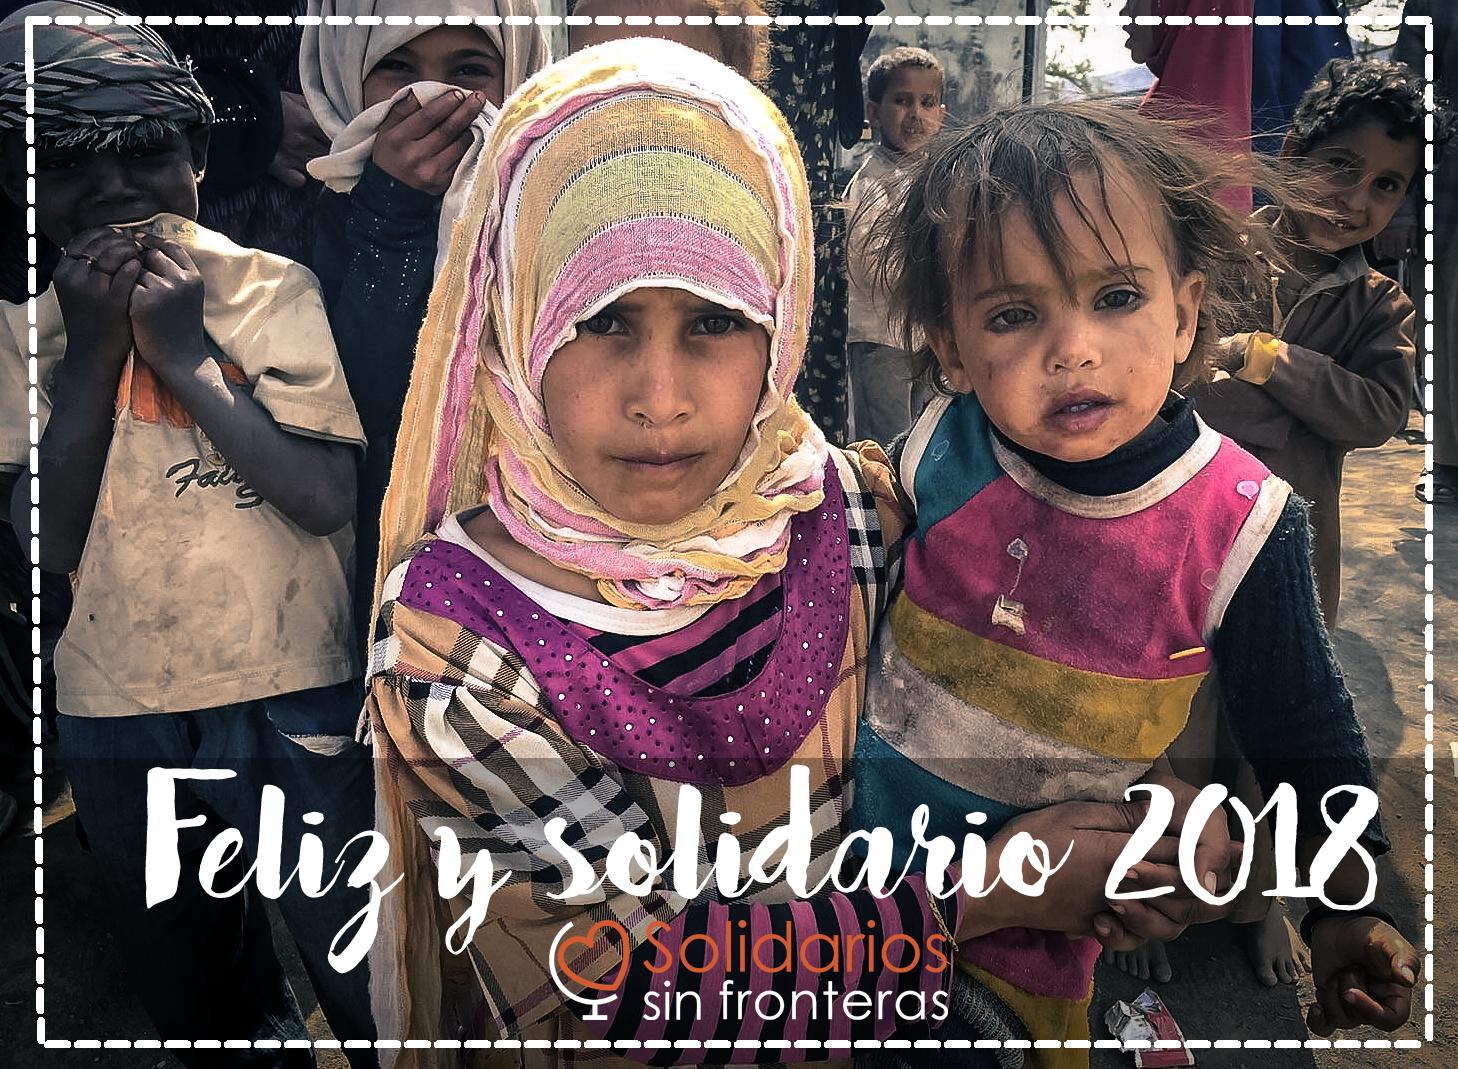 Feliz y solidario 2018!